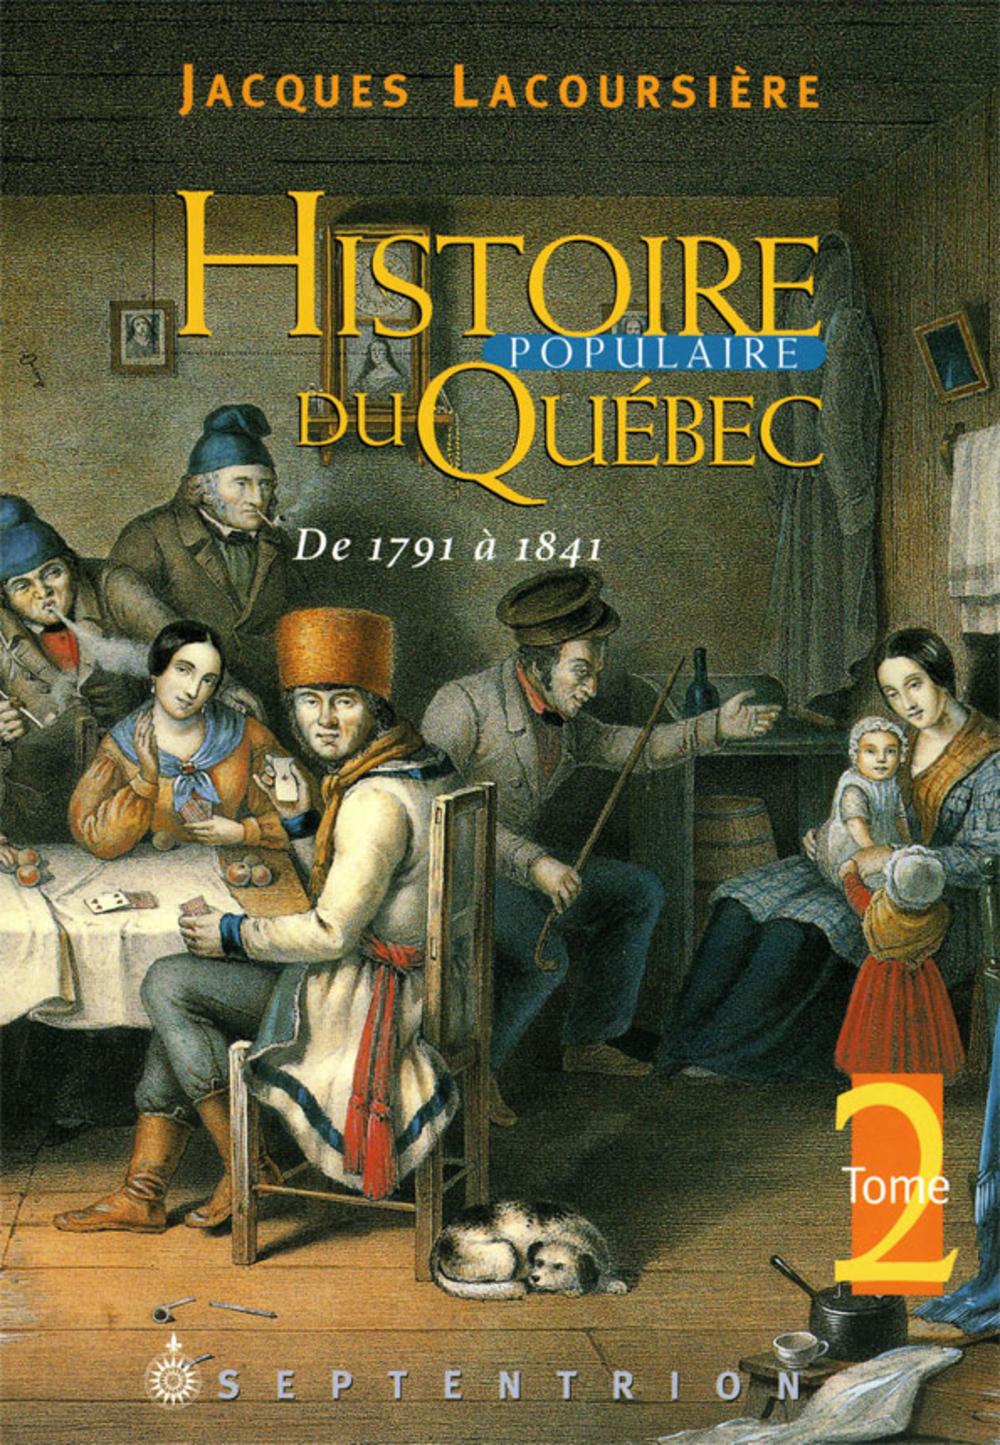 Histoire populaire du Québec, tome 2